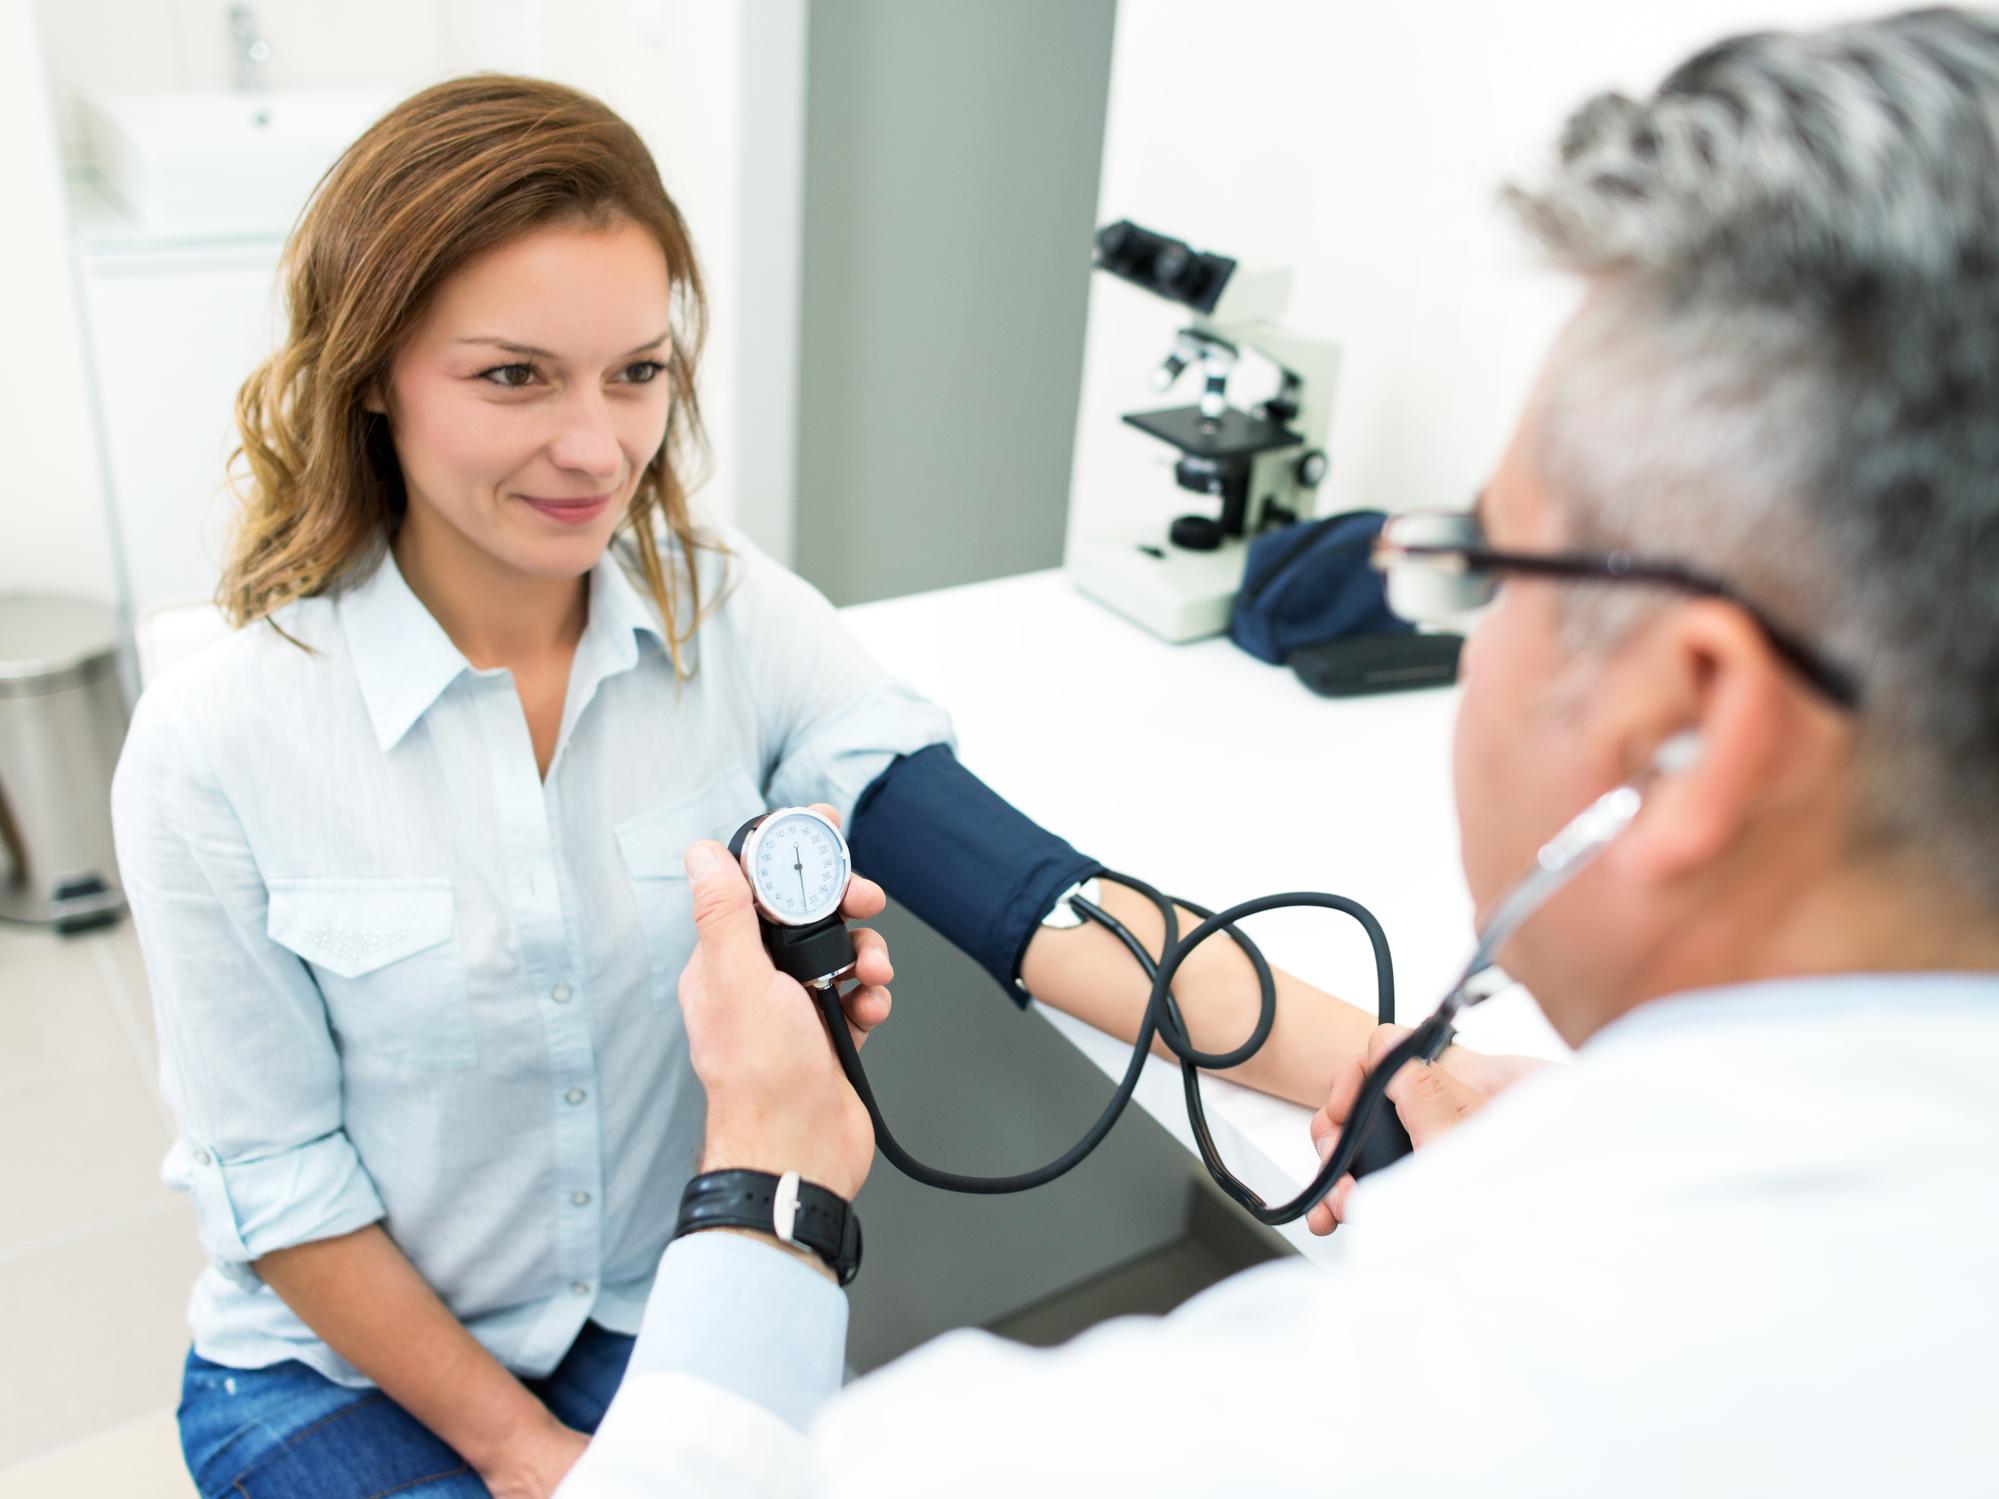 mit szúrjon át magas vérnyomás esetén idrinol magas vérnyomás esetén